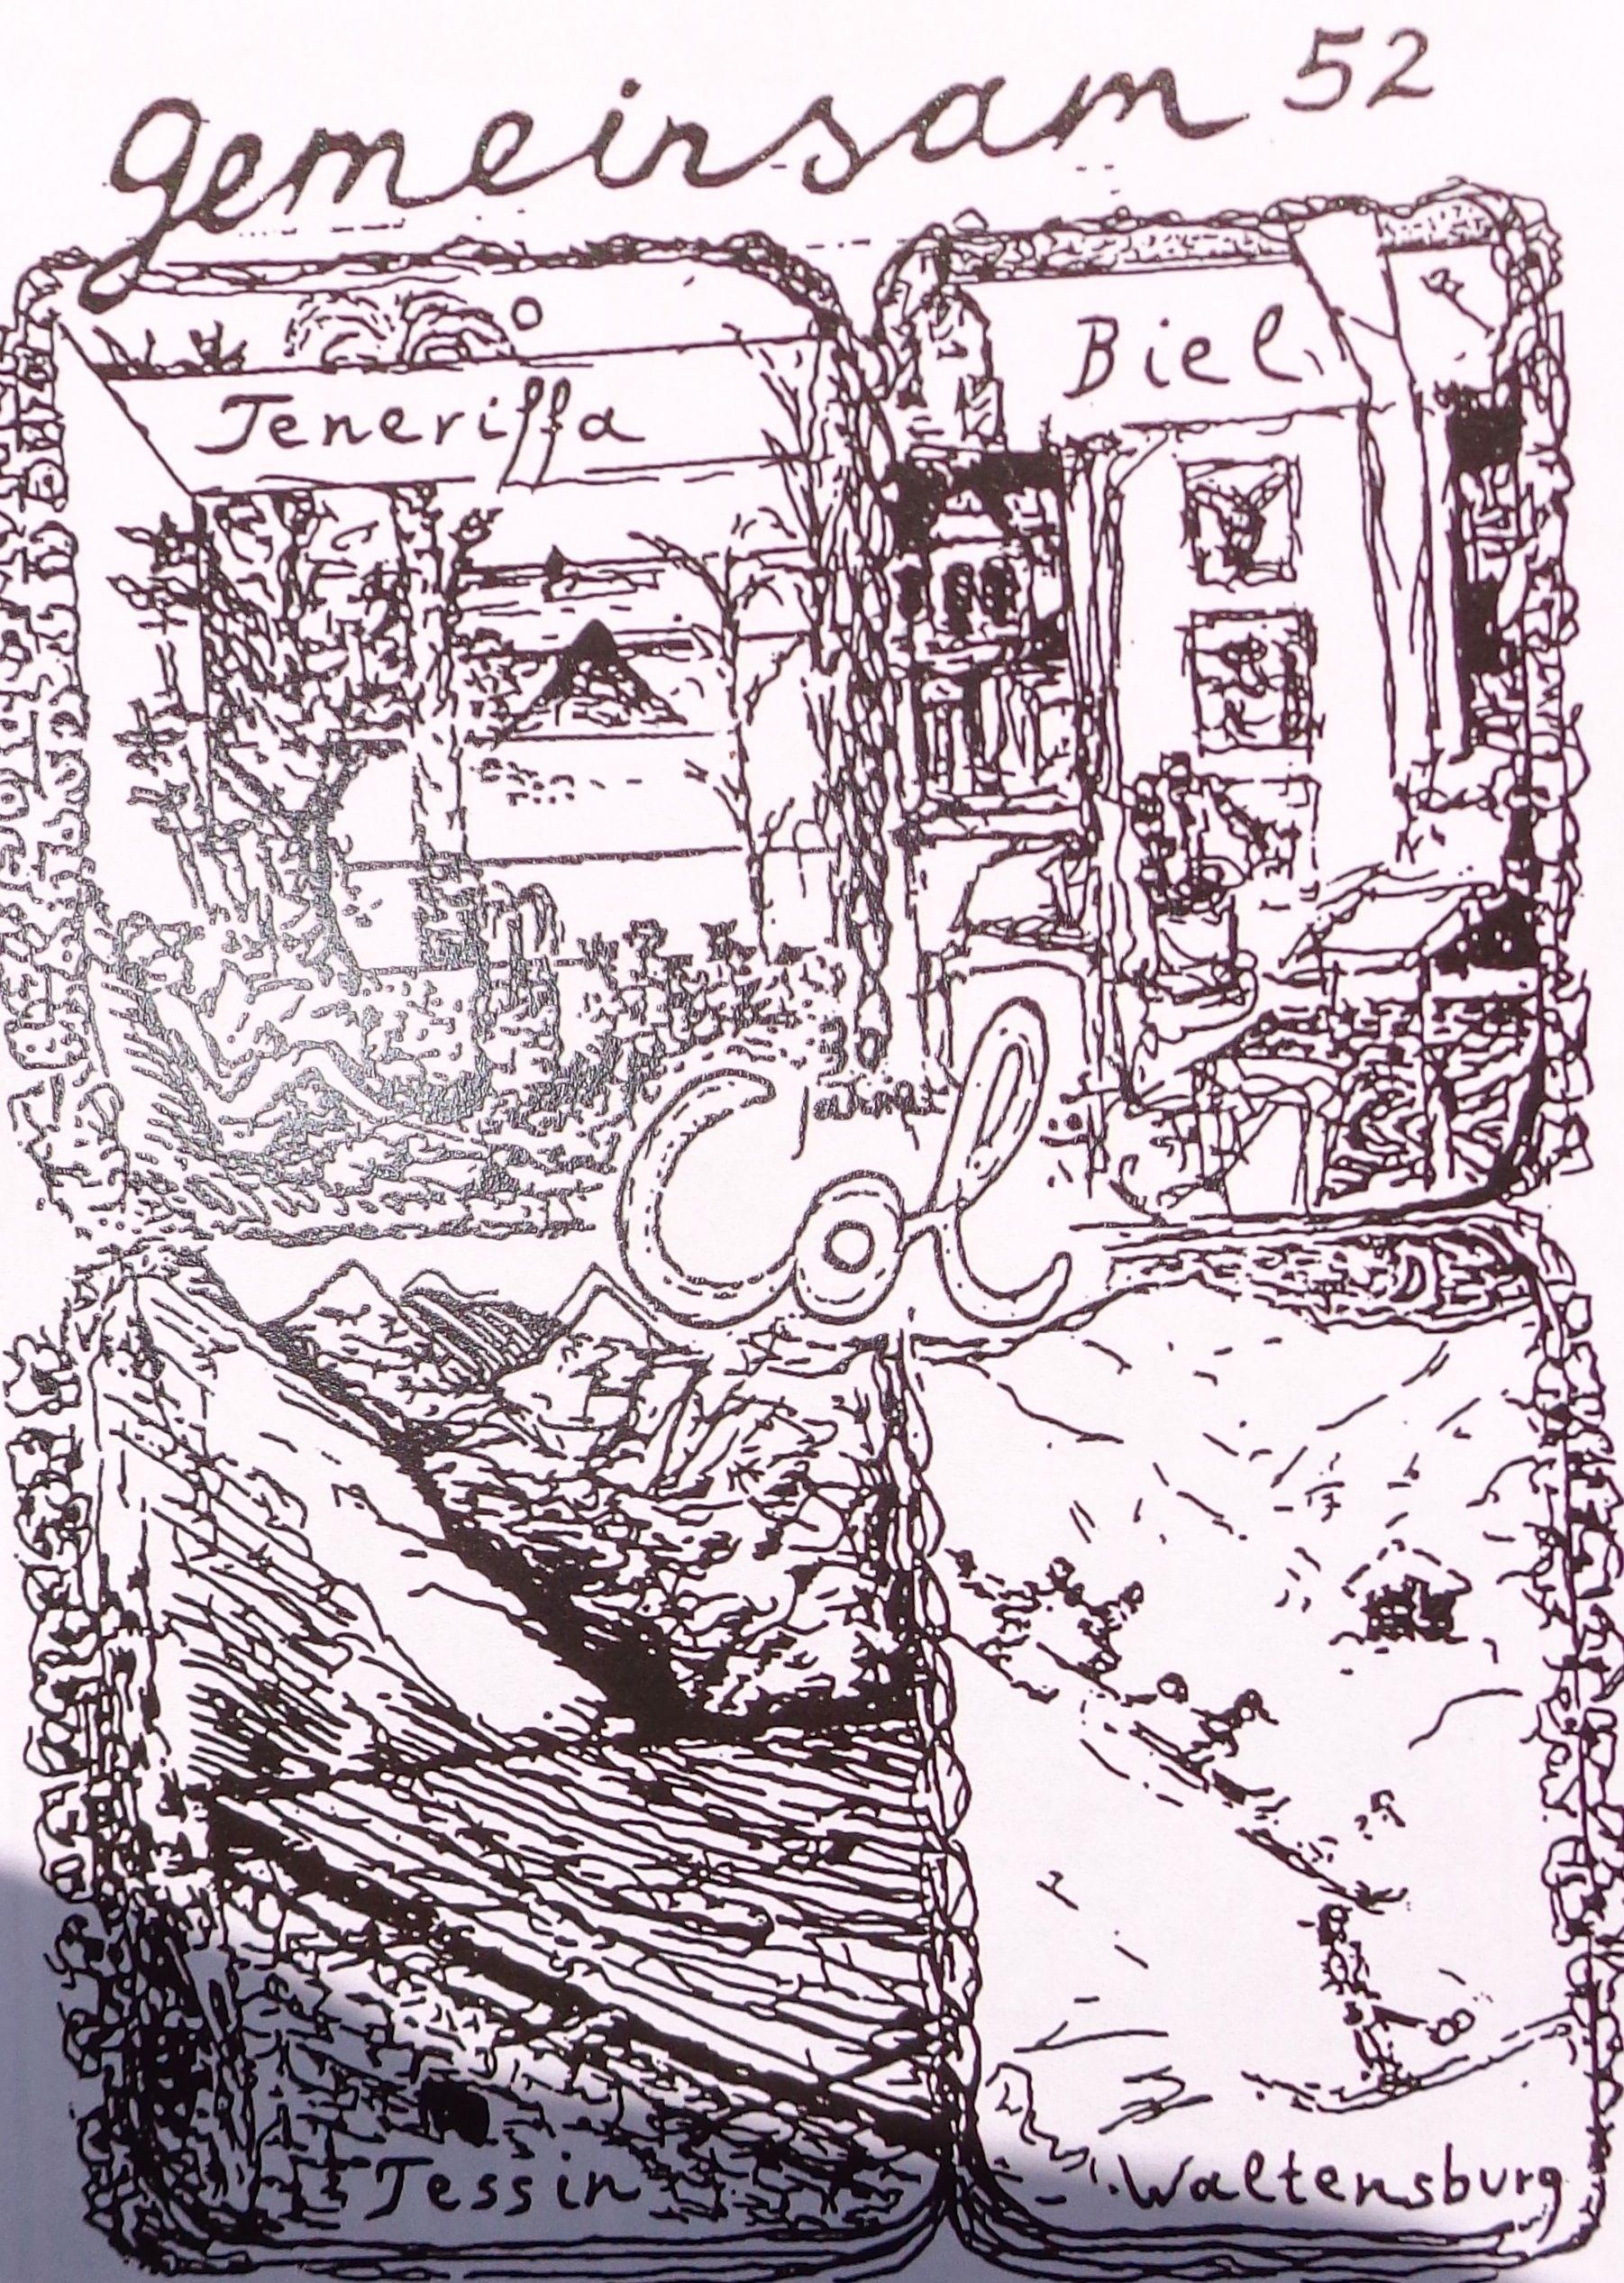 TENERIFFA-BIEL-TESSIN-WALTENSBURG 1998